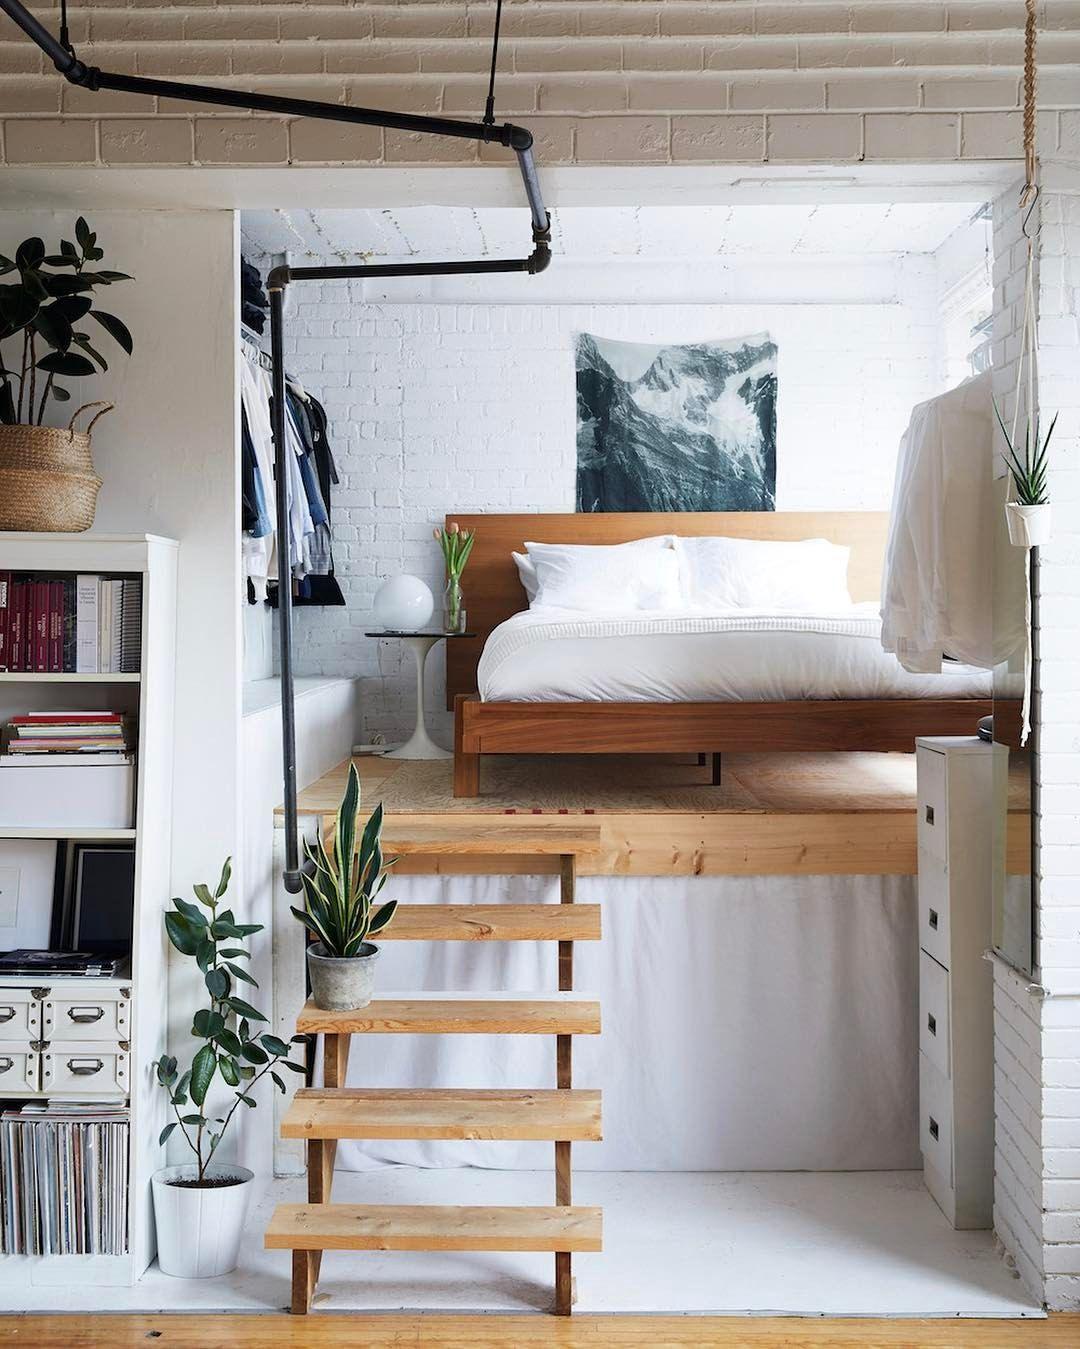 Estante Para Quarto Caixas Com Livros Interiores Pinterest  ~ Quarto Com Varanda Integrada E Prateleira Quarto Menina